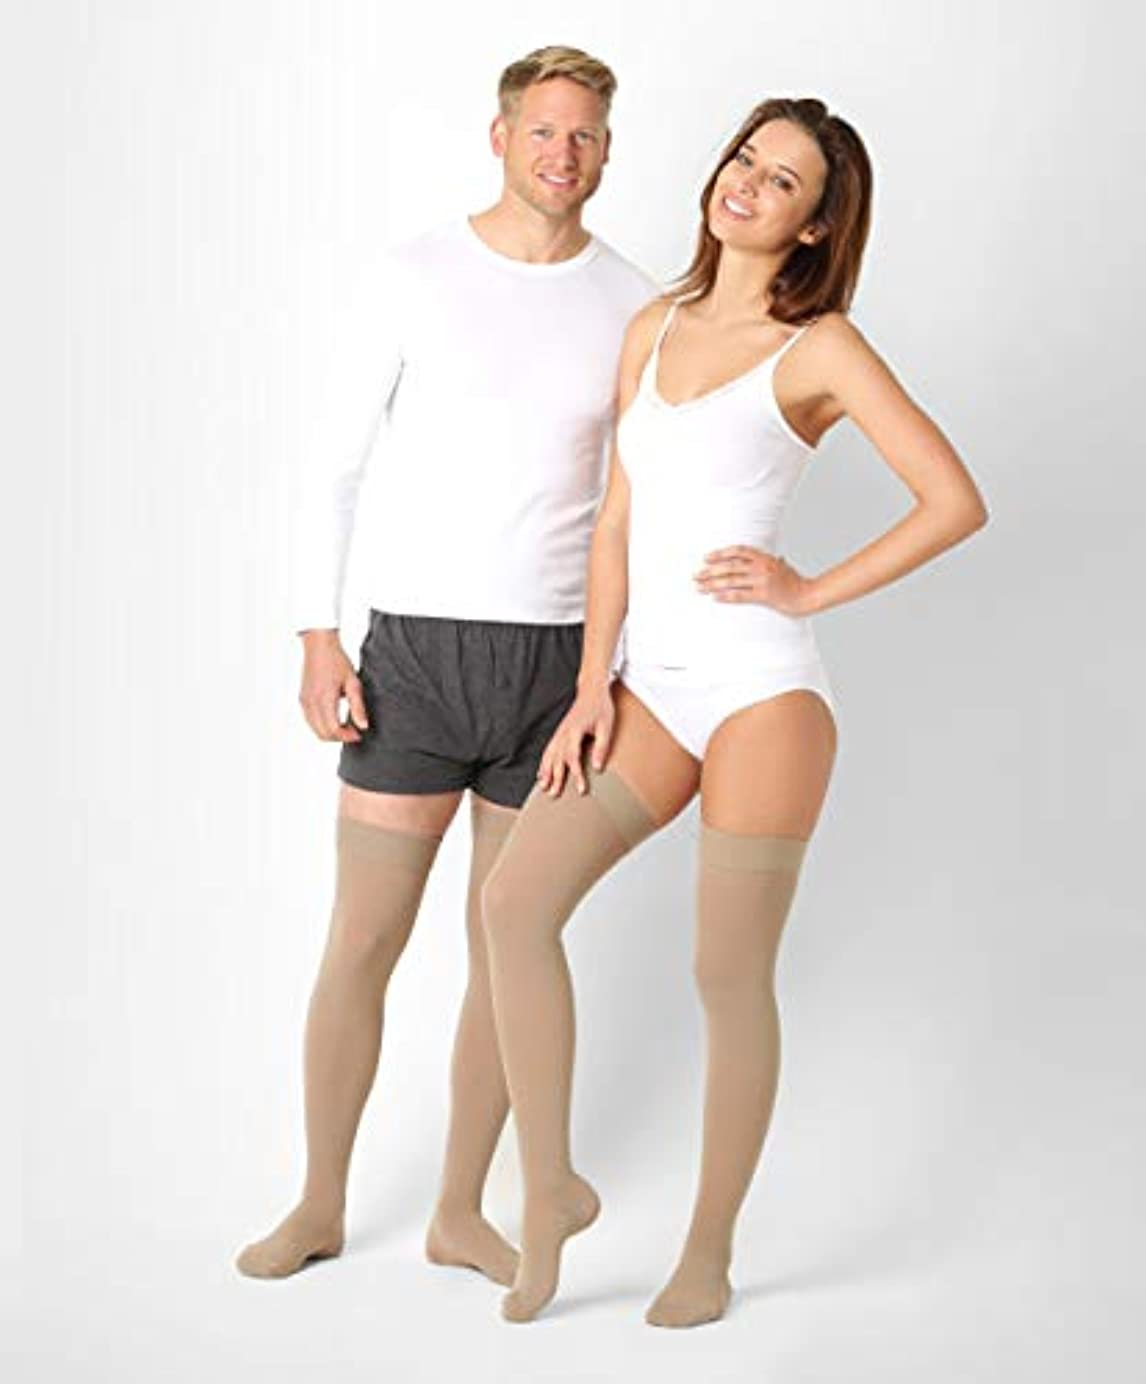 ポーズわな訪問BeFit24 医療用着圧ストッキング クラス 1 (18-21 mmHg) 男性?女性用 ーあらゆるラ イフスタイルのニーズに対応ー ヨーロッパ製 X-Large Beige